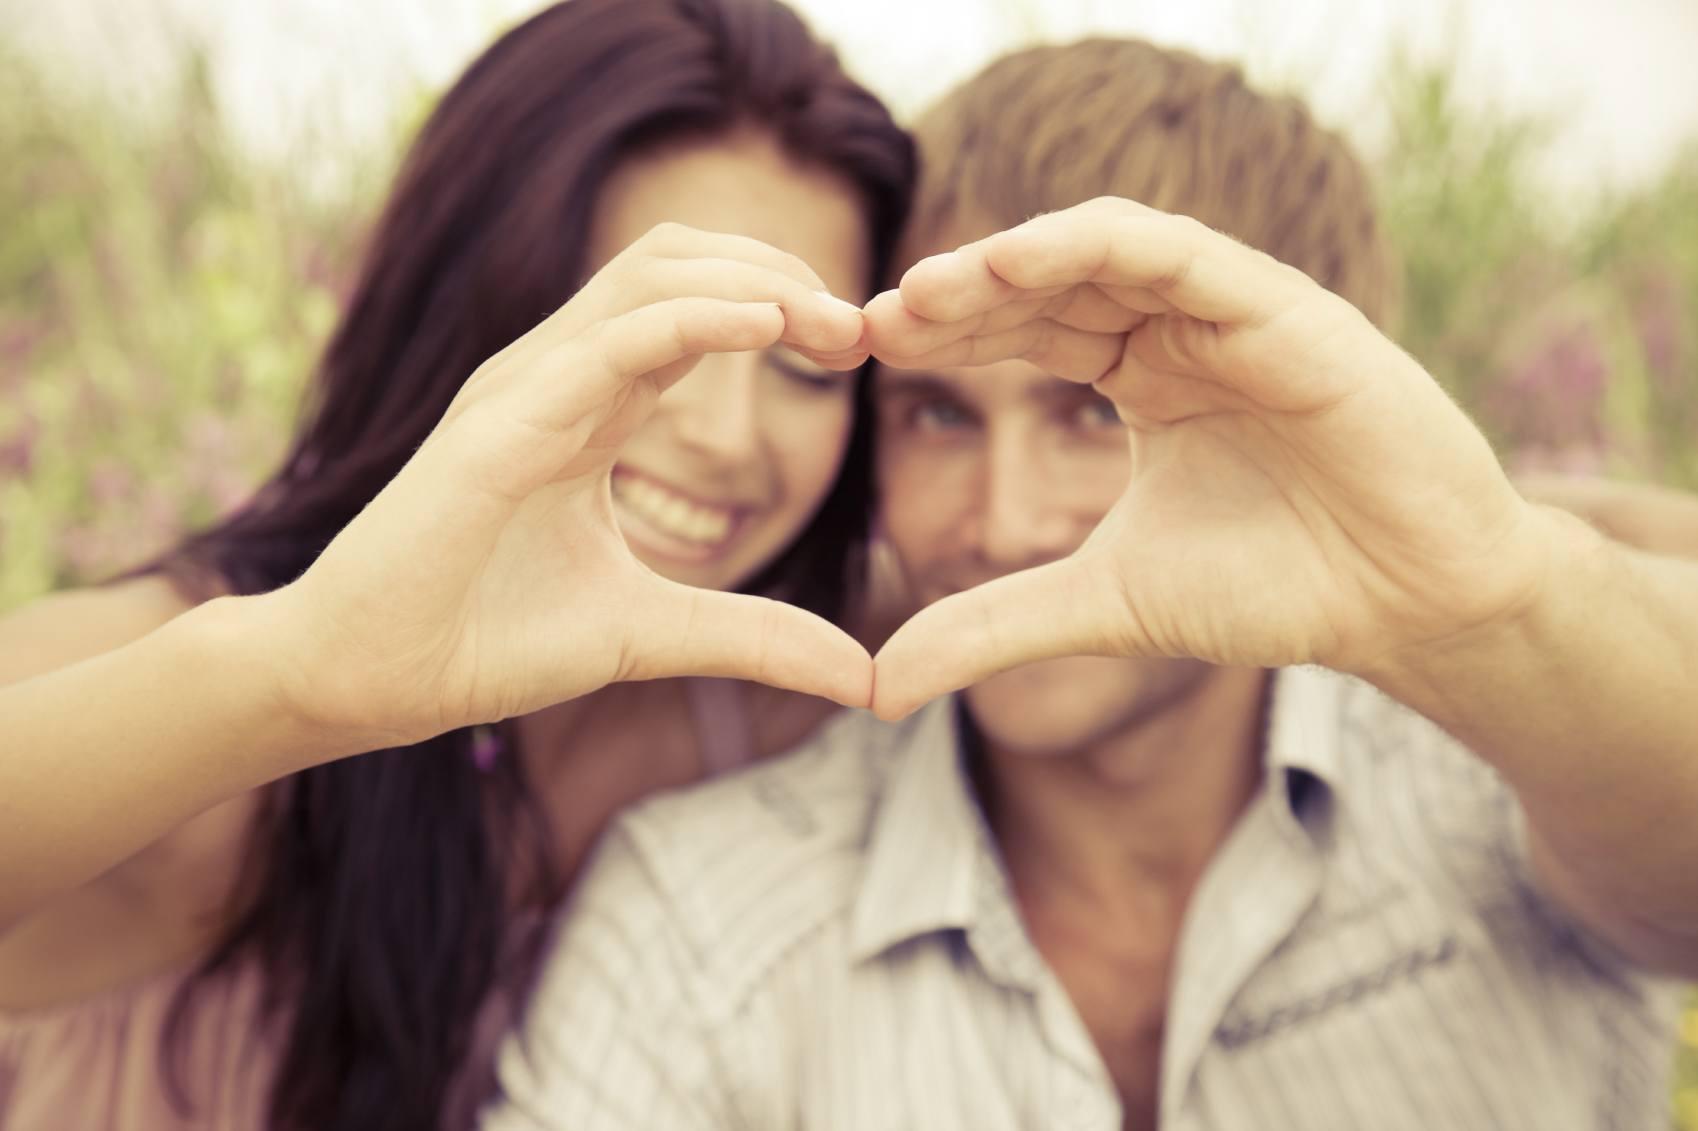 Estúdio  fotografia uberlândia - Fotos relacionamentos